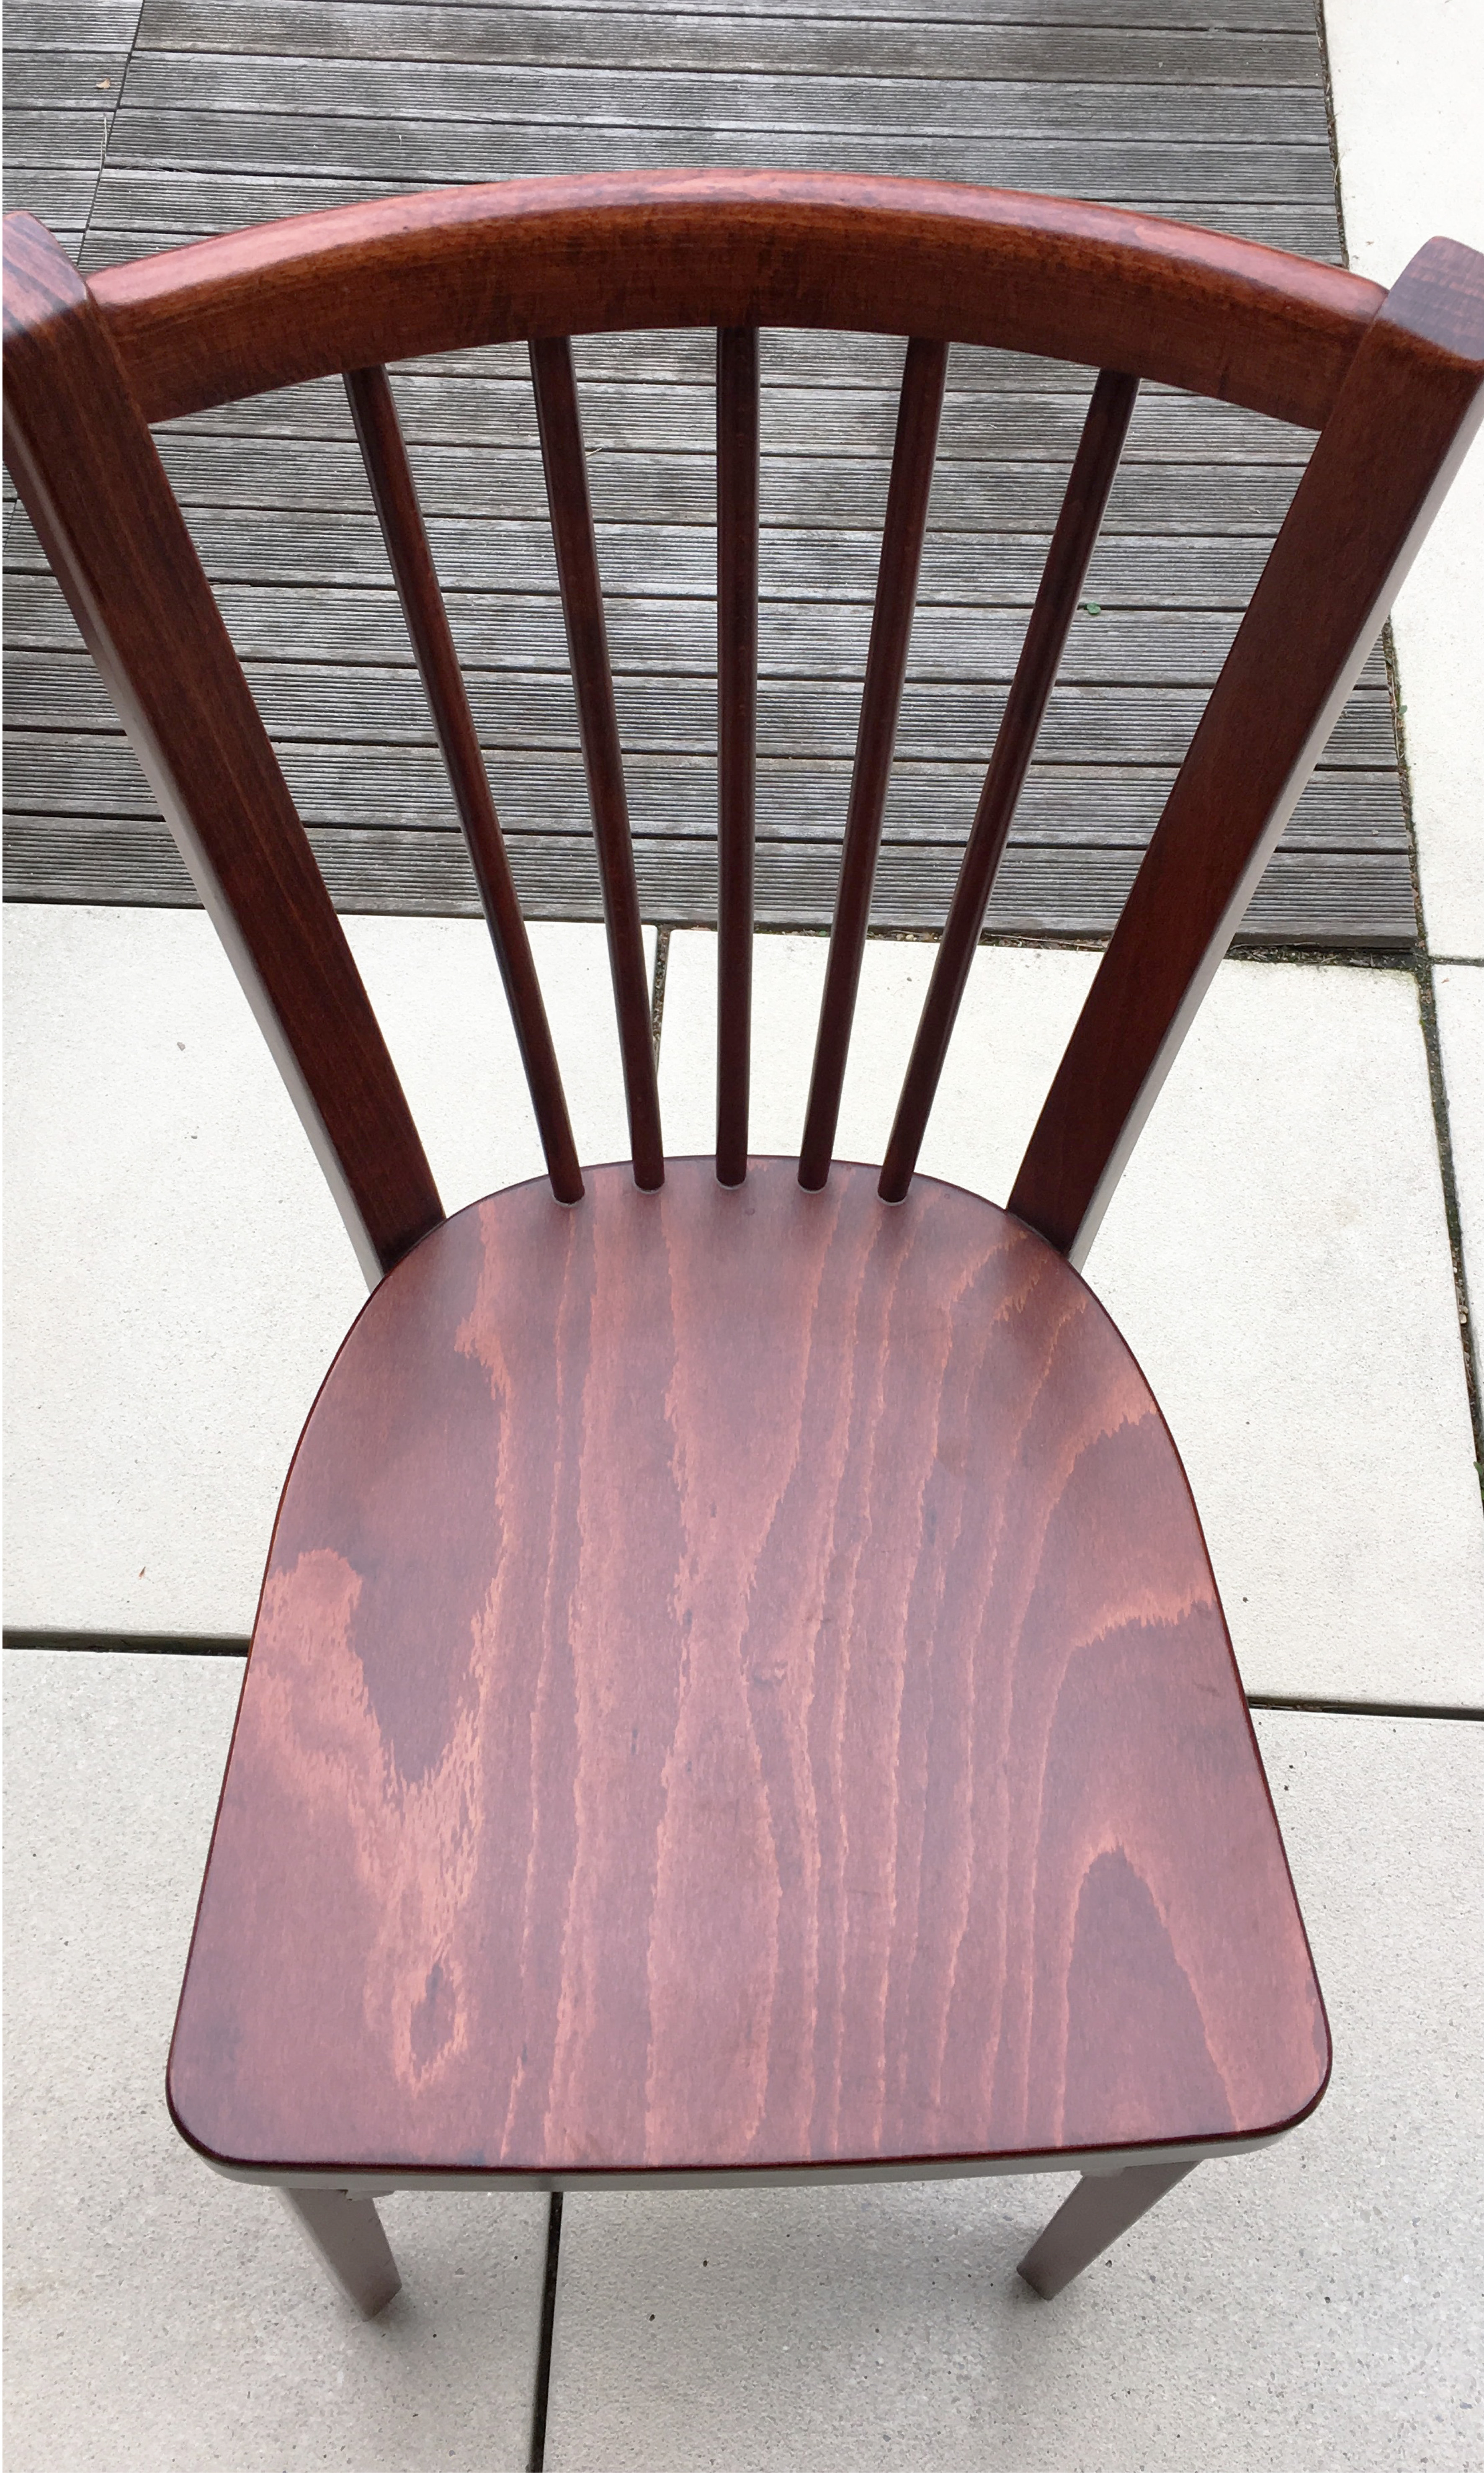 Chaise bistrot après poncage restauration de mobilier l'Atelier d'Elisa